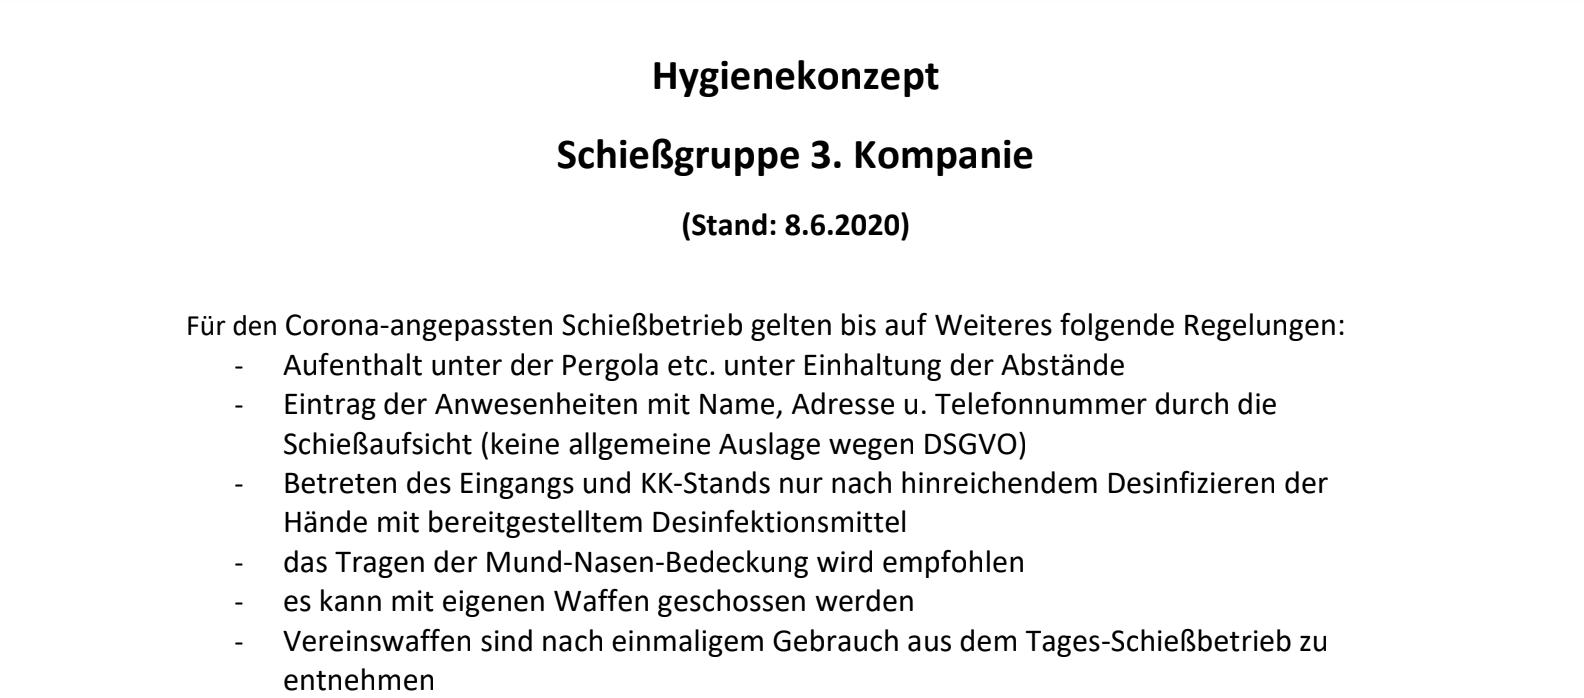 Hygeniekonzept der Schiessgruppe 3. Kompanie